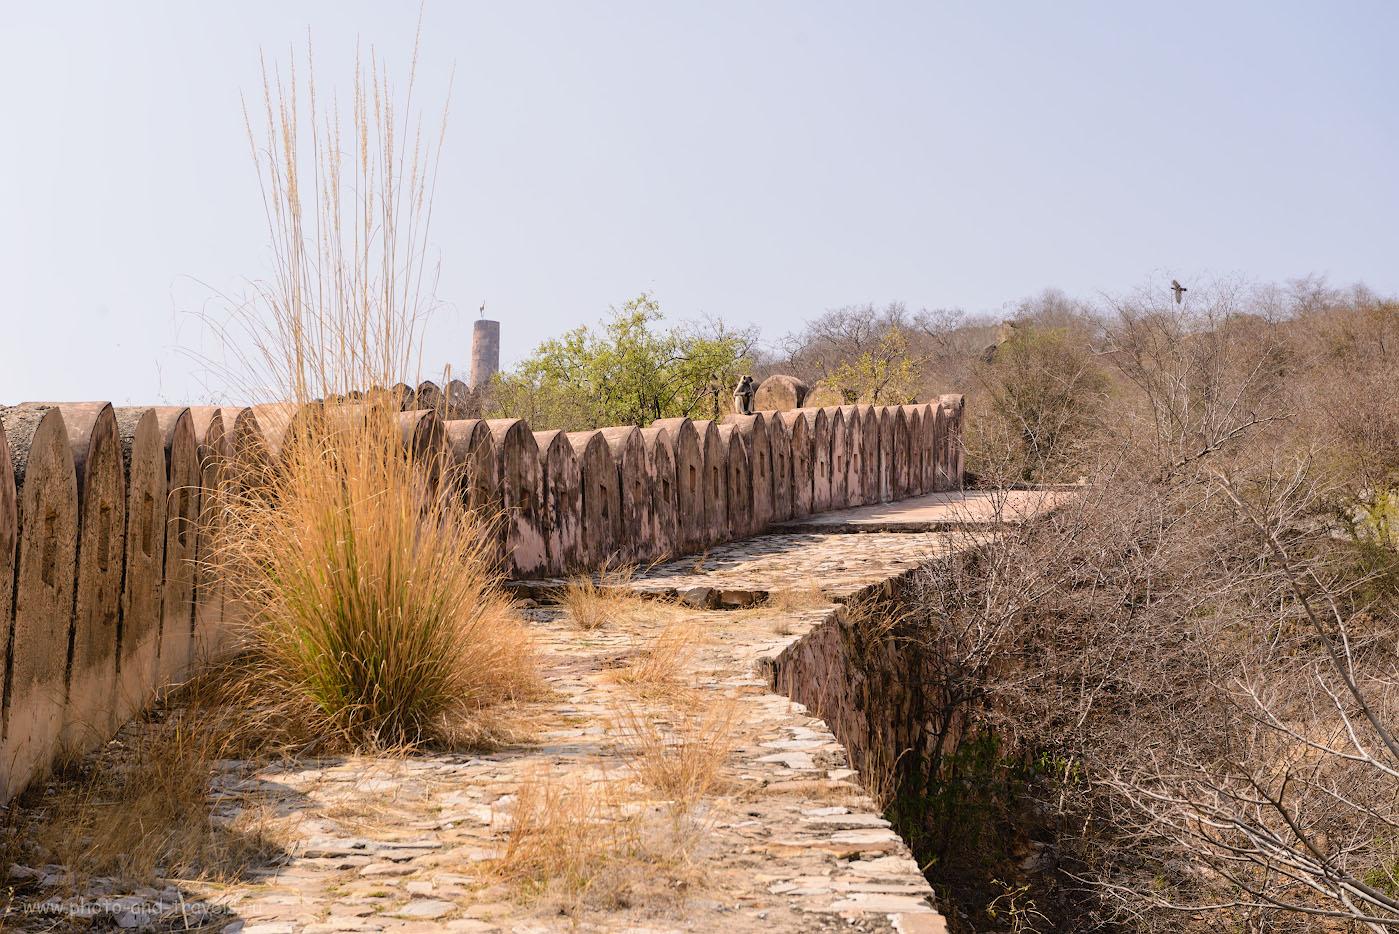 Фото 13. Обезьяна на крепостной стене. Отзыв о восхождении к форту Джайгарх в Джайпуре. 1/250, -0.33, 8.0, 100, 70.